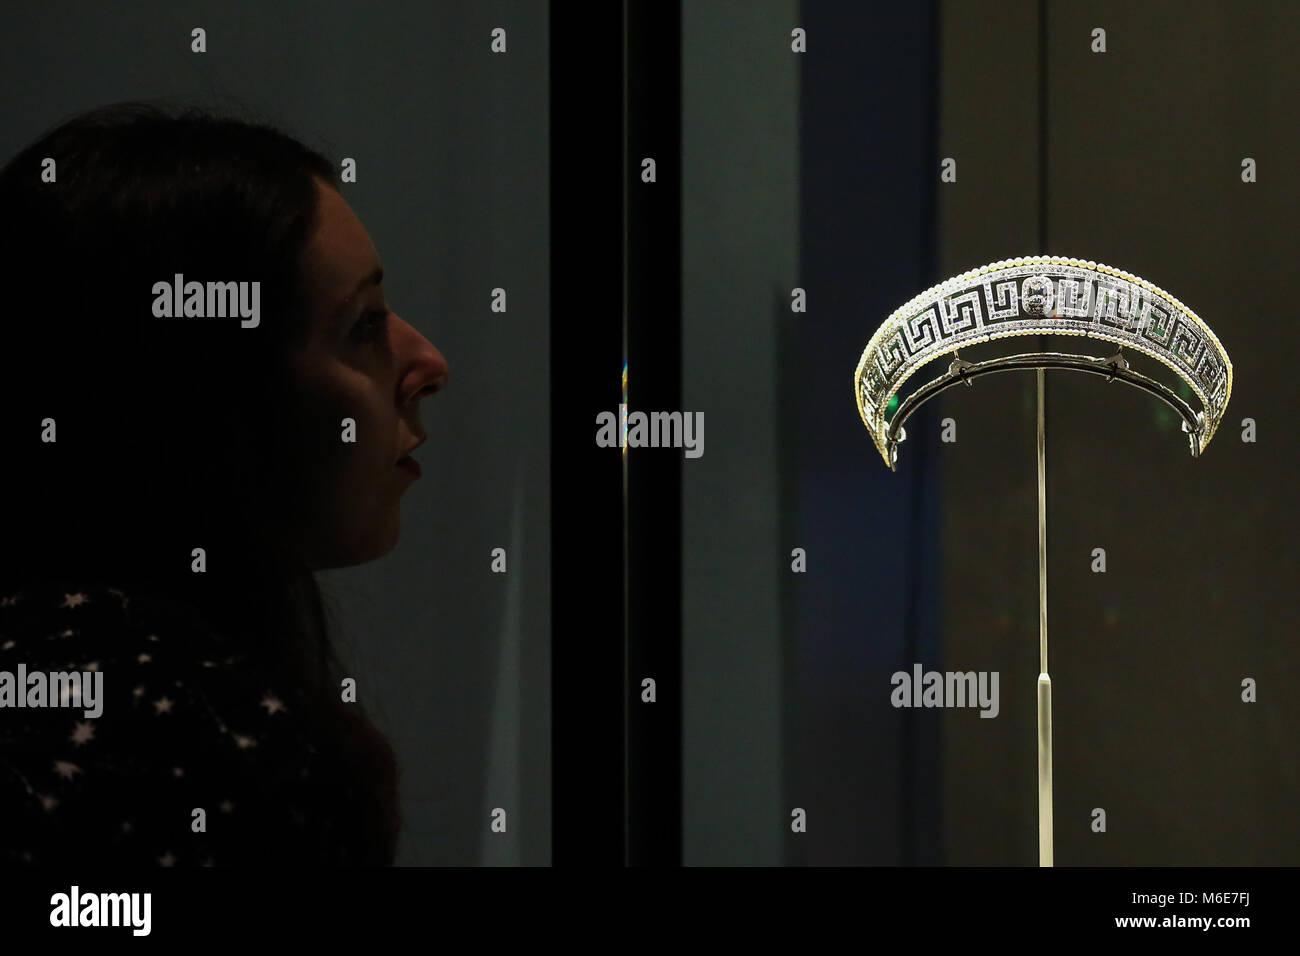 Hilary Rhoda,Susie Castillo XXX clip Milena Govich,Alexis Dziena